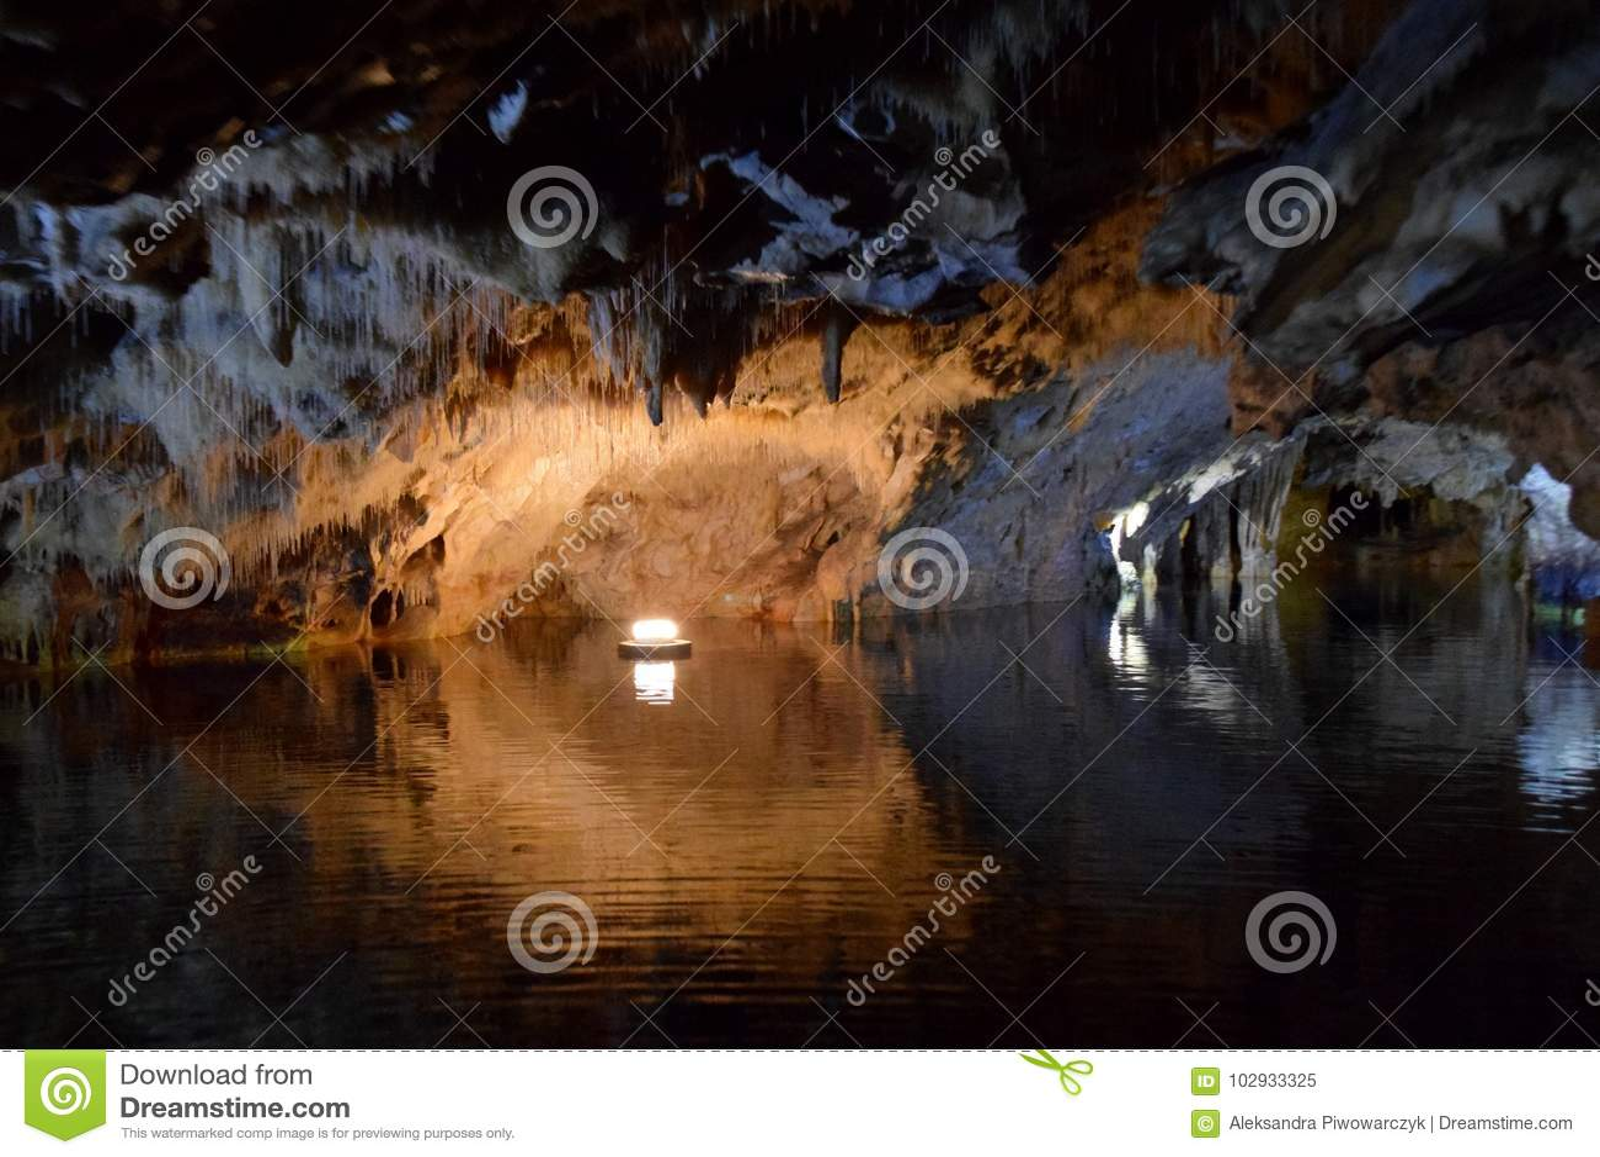 Höhle von Diros, Griechenland